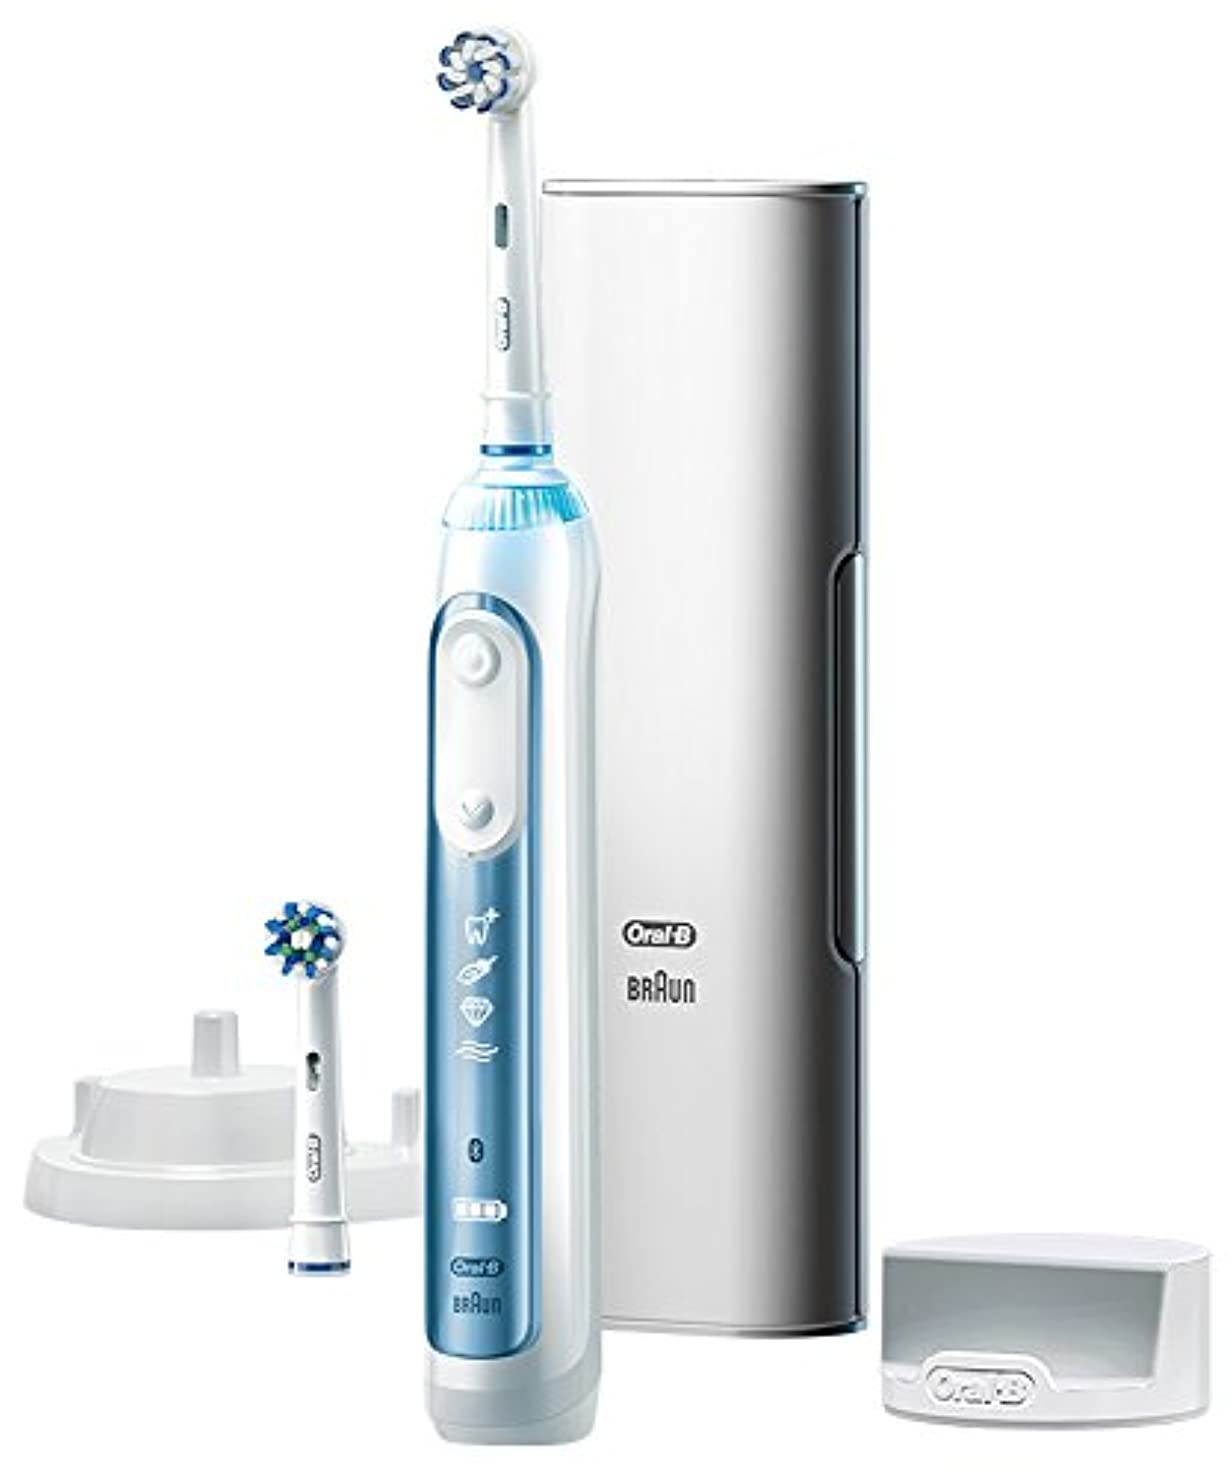 肯定的結核触手ブラウン オーラルB 電動歯ブラシ スマート7000 D7005245XP D7005245XP